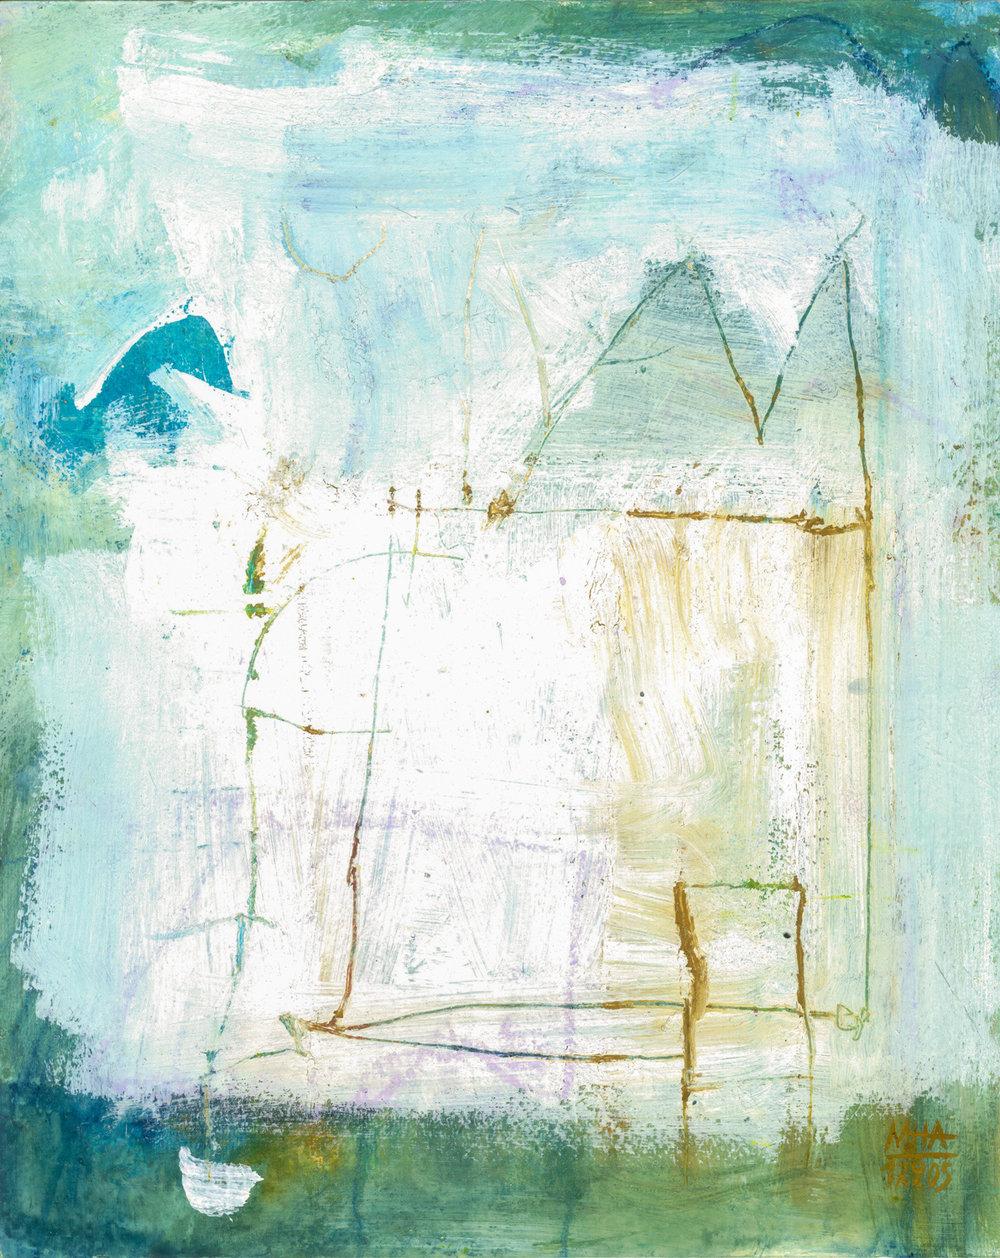 16  VERTRÄUMT, 2005, Acryl auf Papier, 24x30 cm